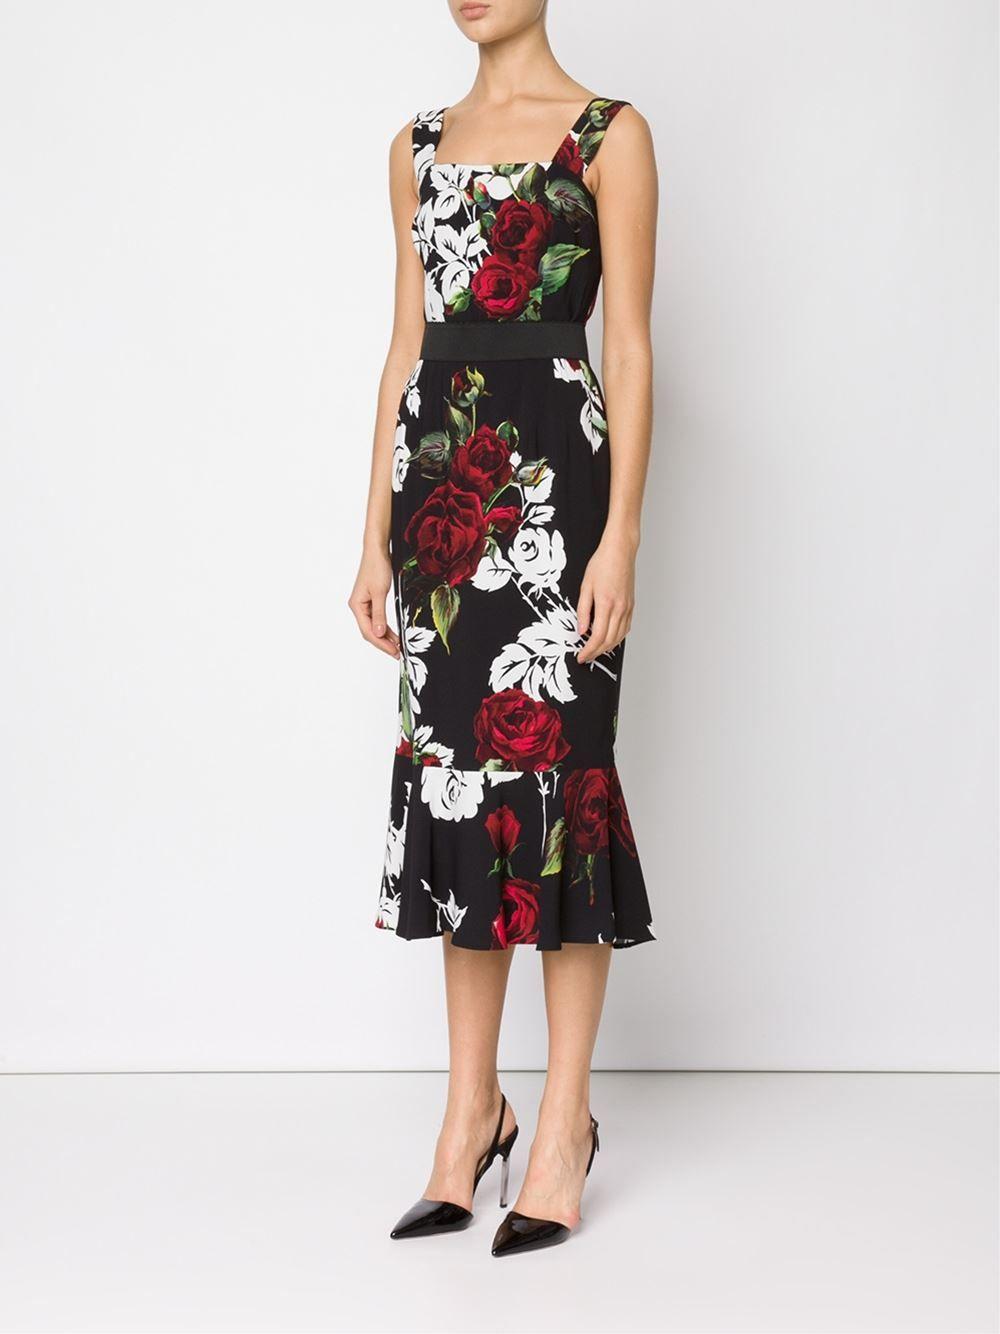 93abf7866 Dolce   Gabbana Vestido Midi Floral - Helmè - Farfetch.com Sapatos  Importados